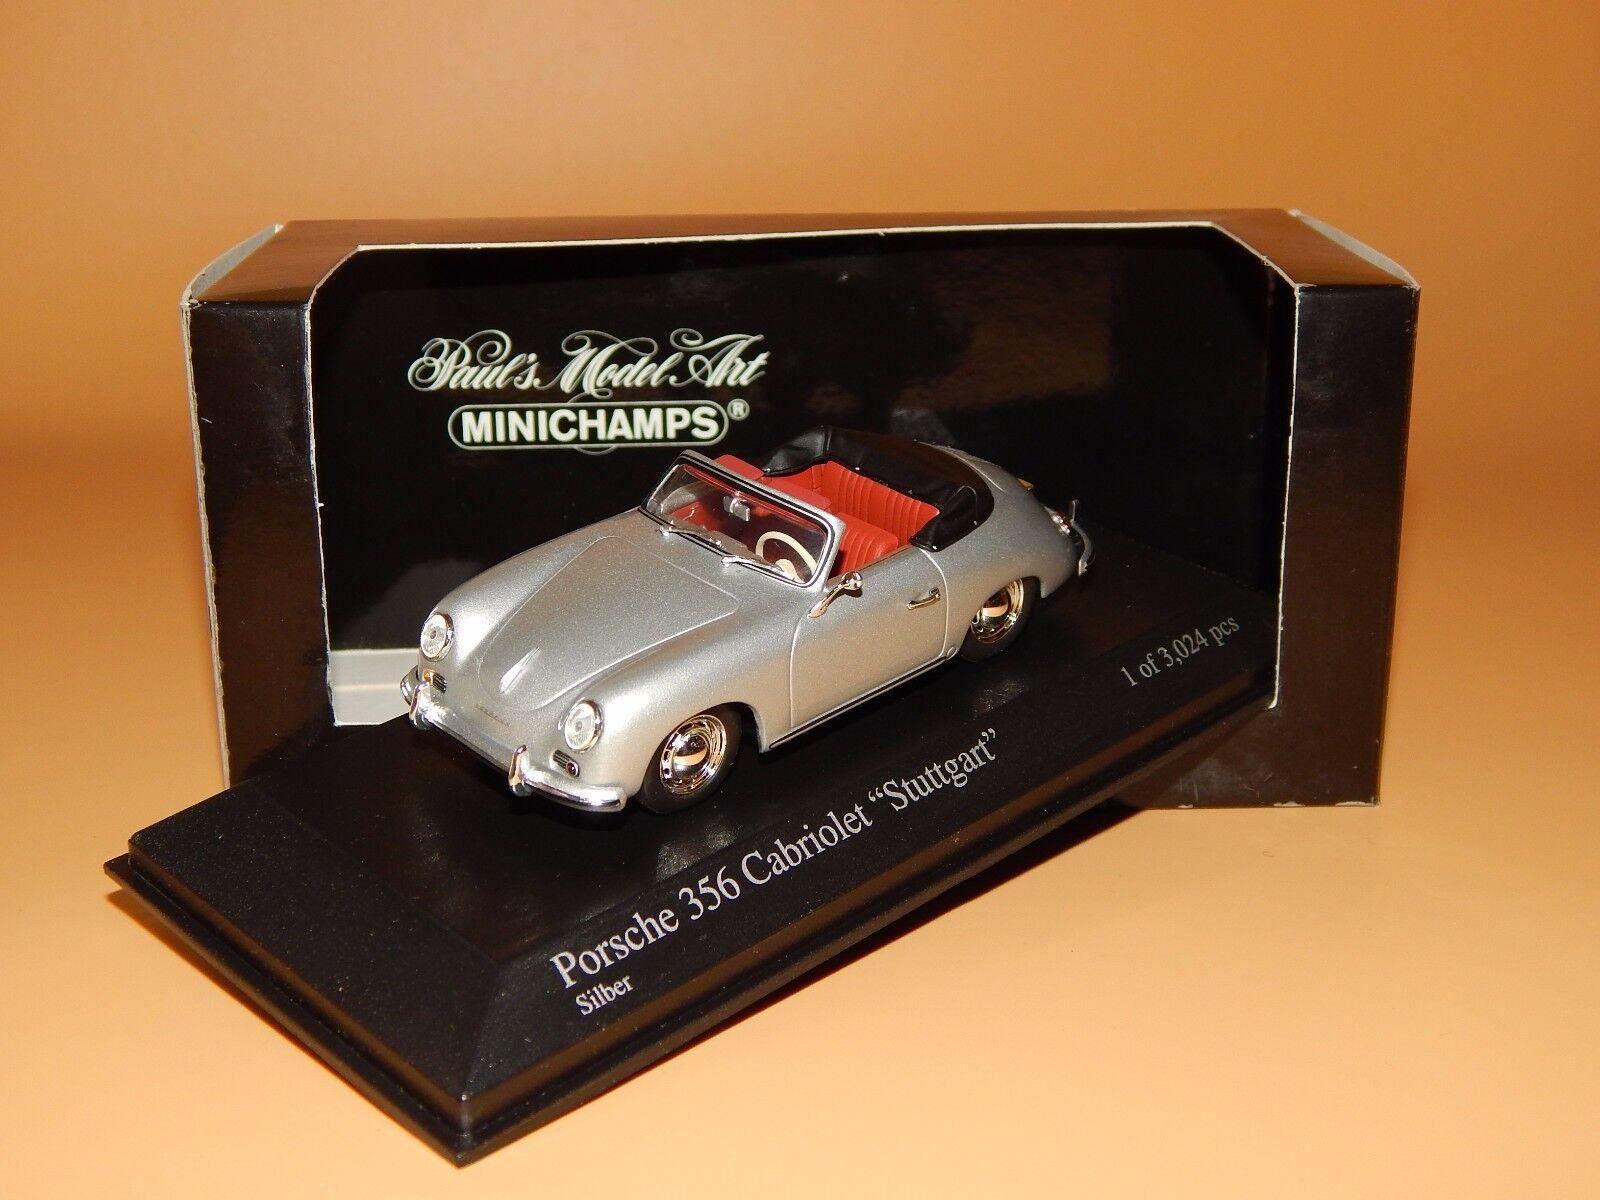 Porsche 356  stuttgart    cabriolet plata 400065030 Minichamps scale 1 43 o V p 5bf8e3